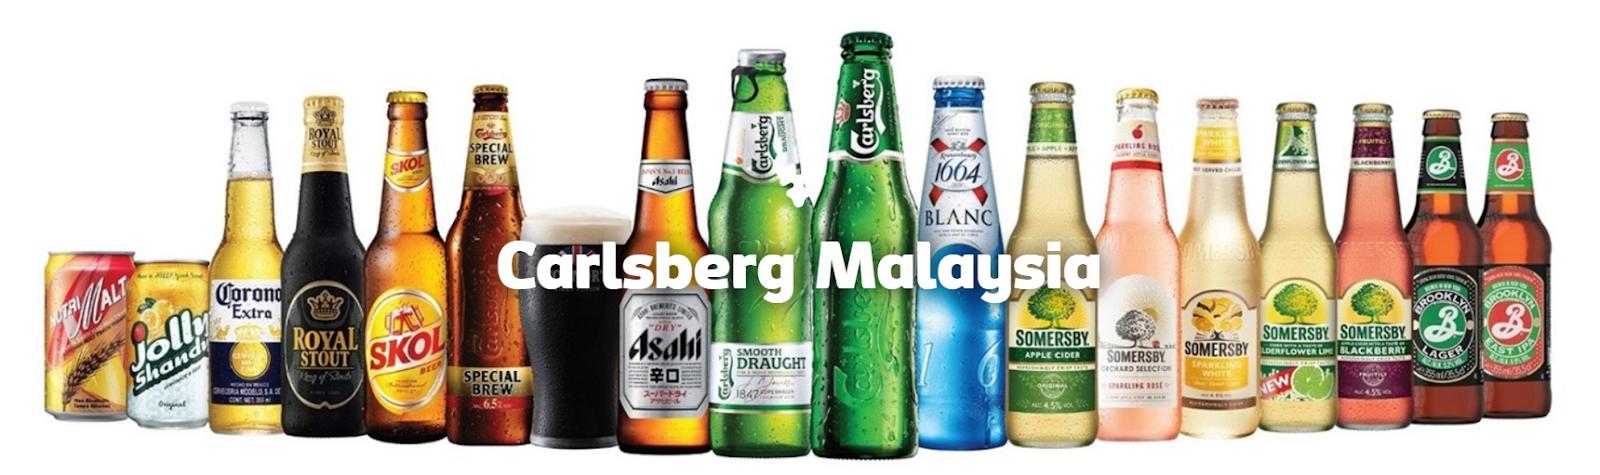 Carlsberg Malaysia - 10 July 2019